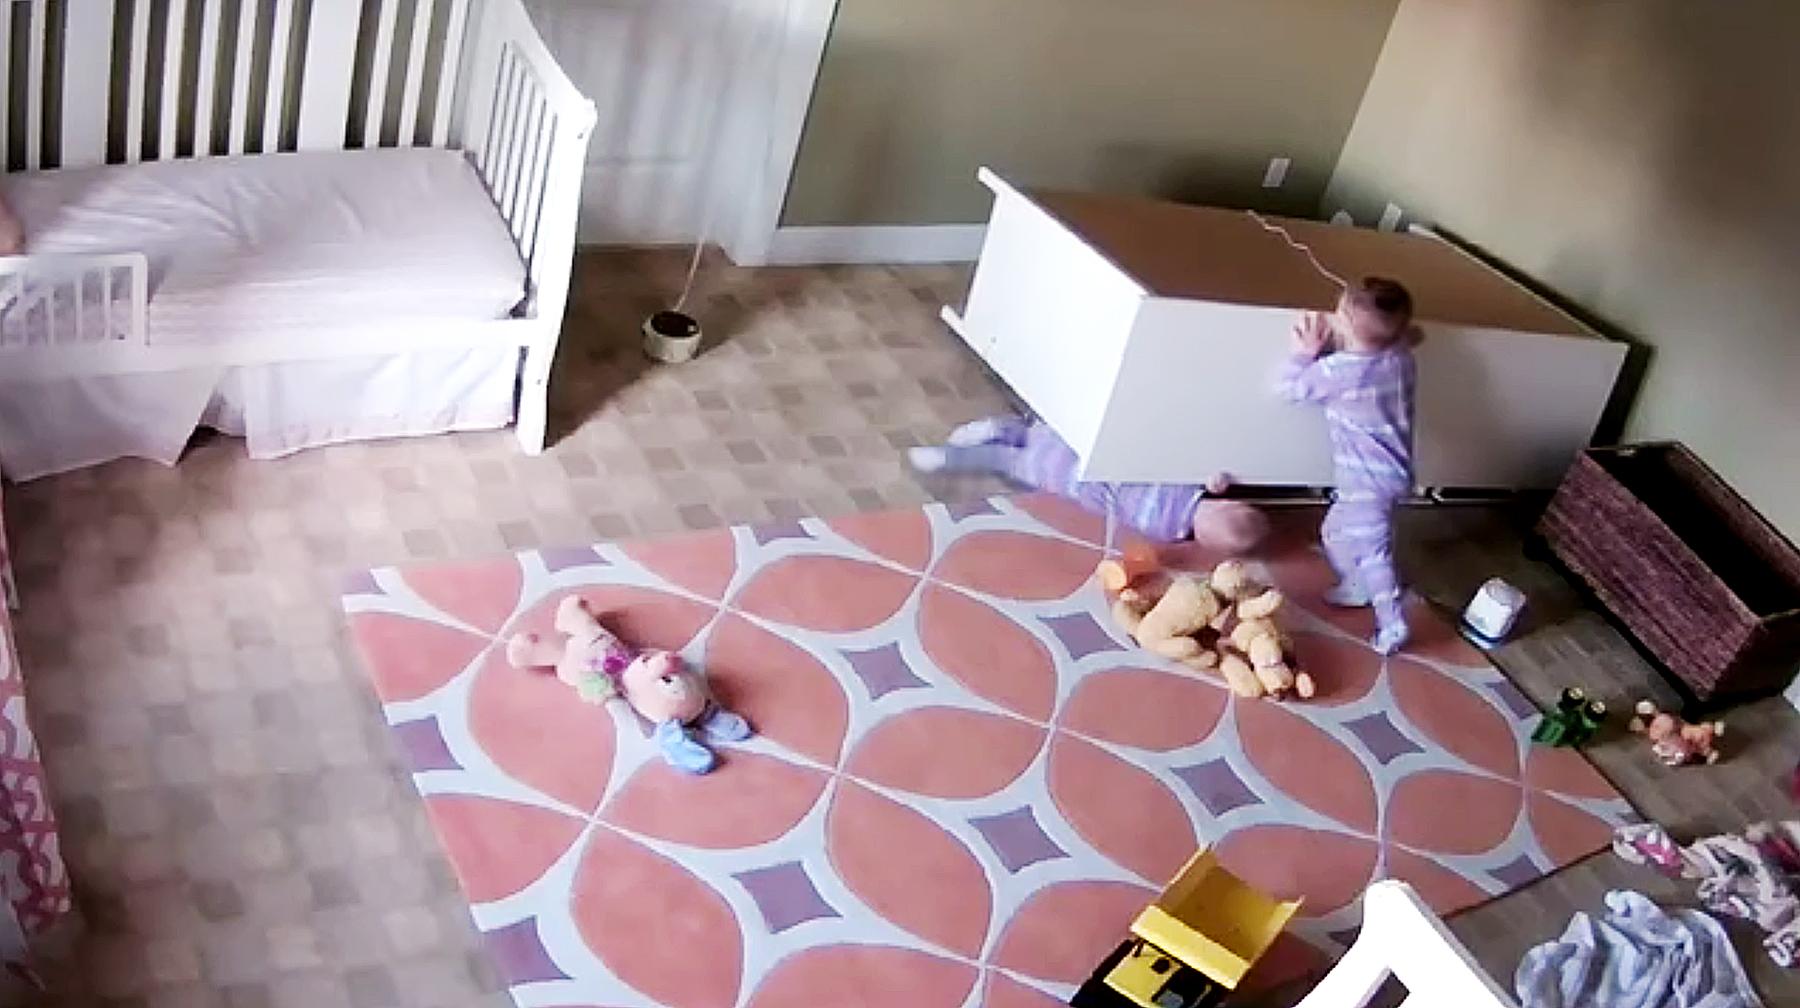 Shoff family fallen dresser